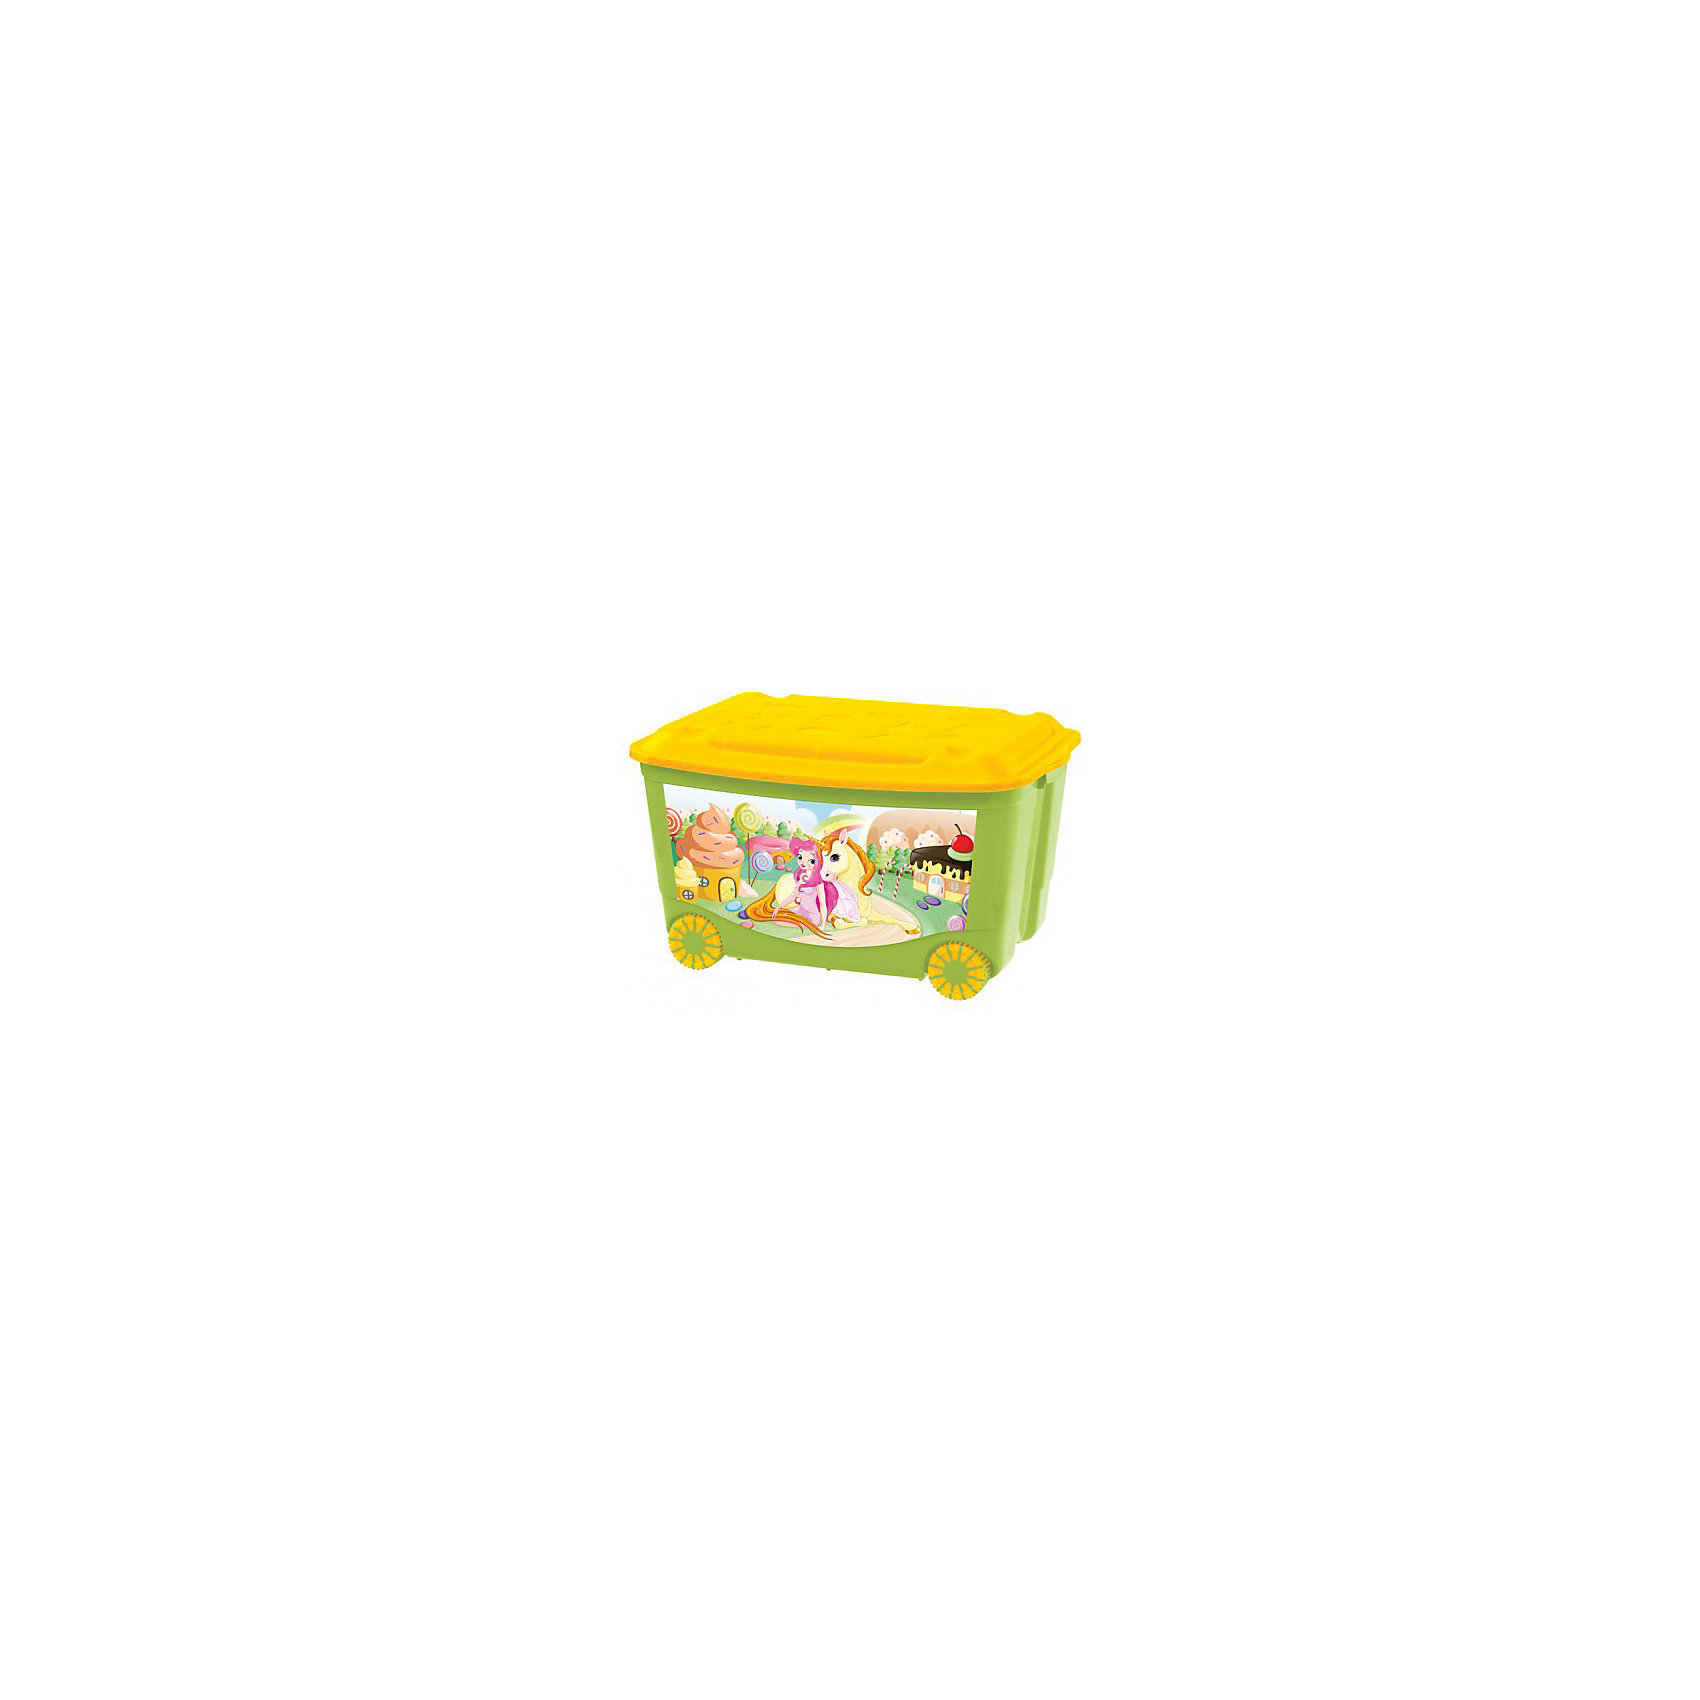 Ящик для игрушек на колесах 580*390*335, Бытпласт, зеленыйЯщик для игрушек на колесиках позволит приучить ребенка к уборке.Контейнер изготовлен из качественного пластика, не токсичен для малышей. Вместительный, но в тоже время очень компактный ящик с крышечкой. Подойдет для упаковки игрушек, одежды, аксессуаров. Благодаря колесикам легко перемещается по комнате. Легкое скольжение позволит малышу самому привозить и увозить ящик.<br><br>Характеристика:<br>-Размер: 58х39Х33,5 см<br>-Материал: бытпласт<br>-Цвет: зелёный<br><br>Ящик для игрушек на колесиках можно приобрести в нашем интернет-магазине.<br><br>Ширина мм: 580<br>Глубина мм: 390<br>Высота мм: 335<br>Вес г: 1900<br>Возраст от месяцев: 24<br>Возраст до месяцев: 72<br>Пол: Унисекс<br>Возраст: Детский<br>SKU: 5007011